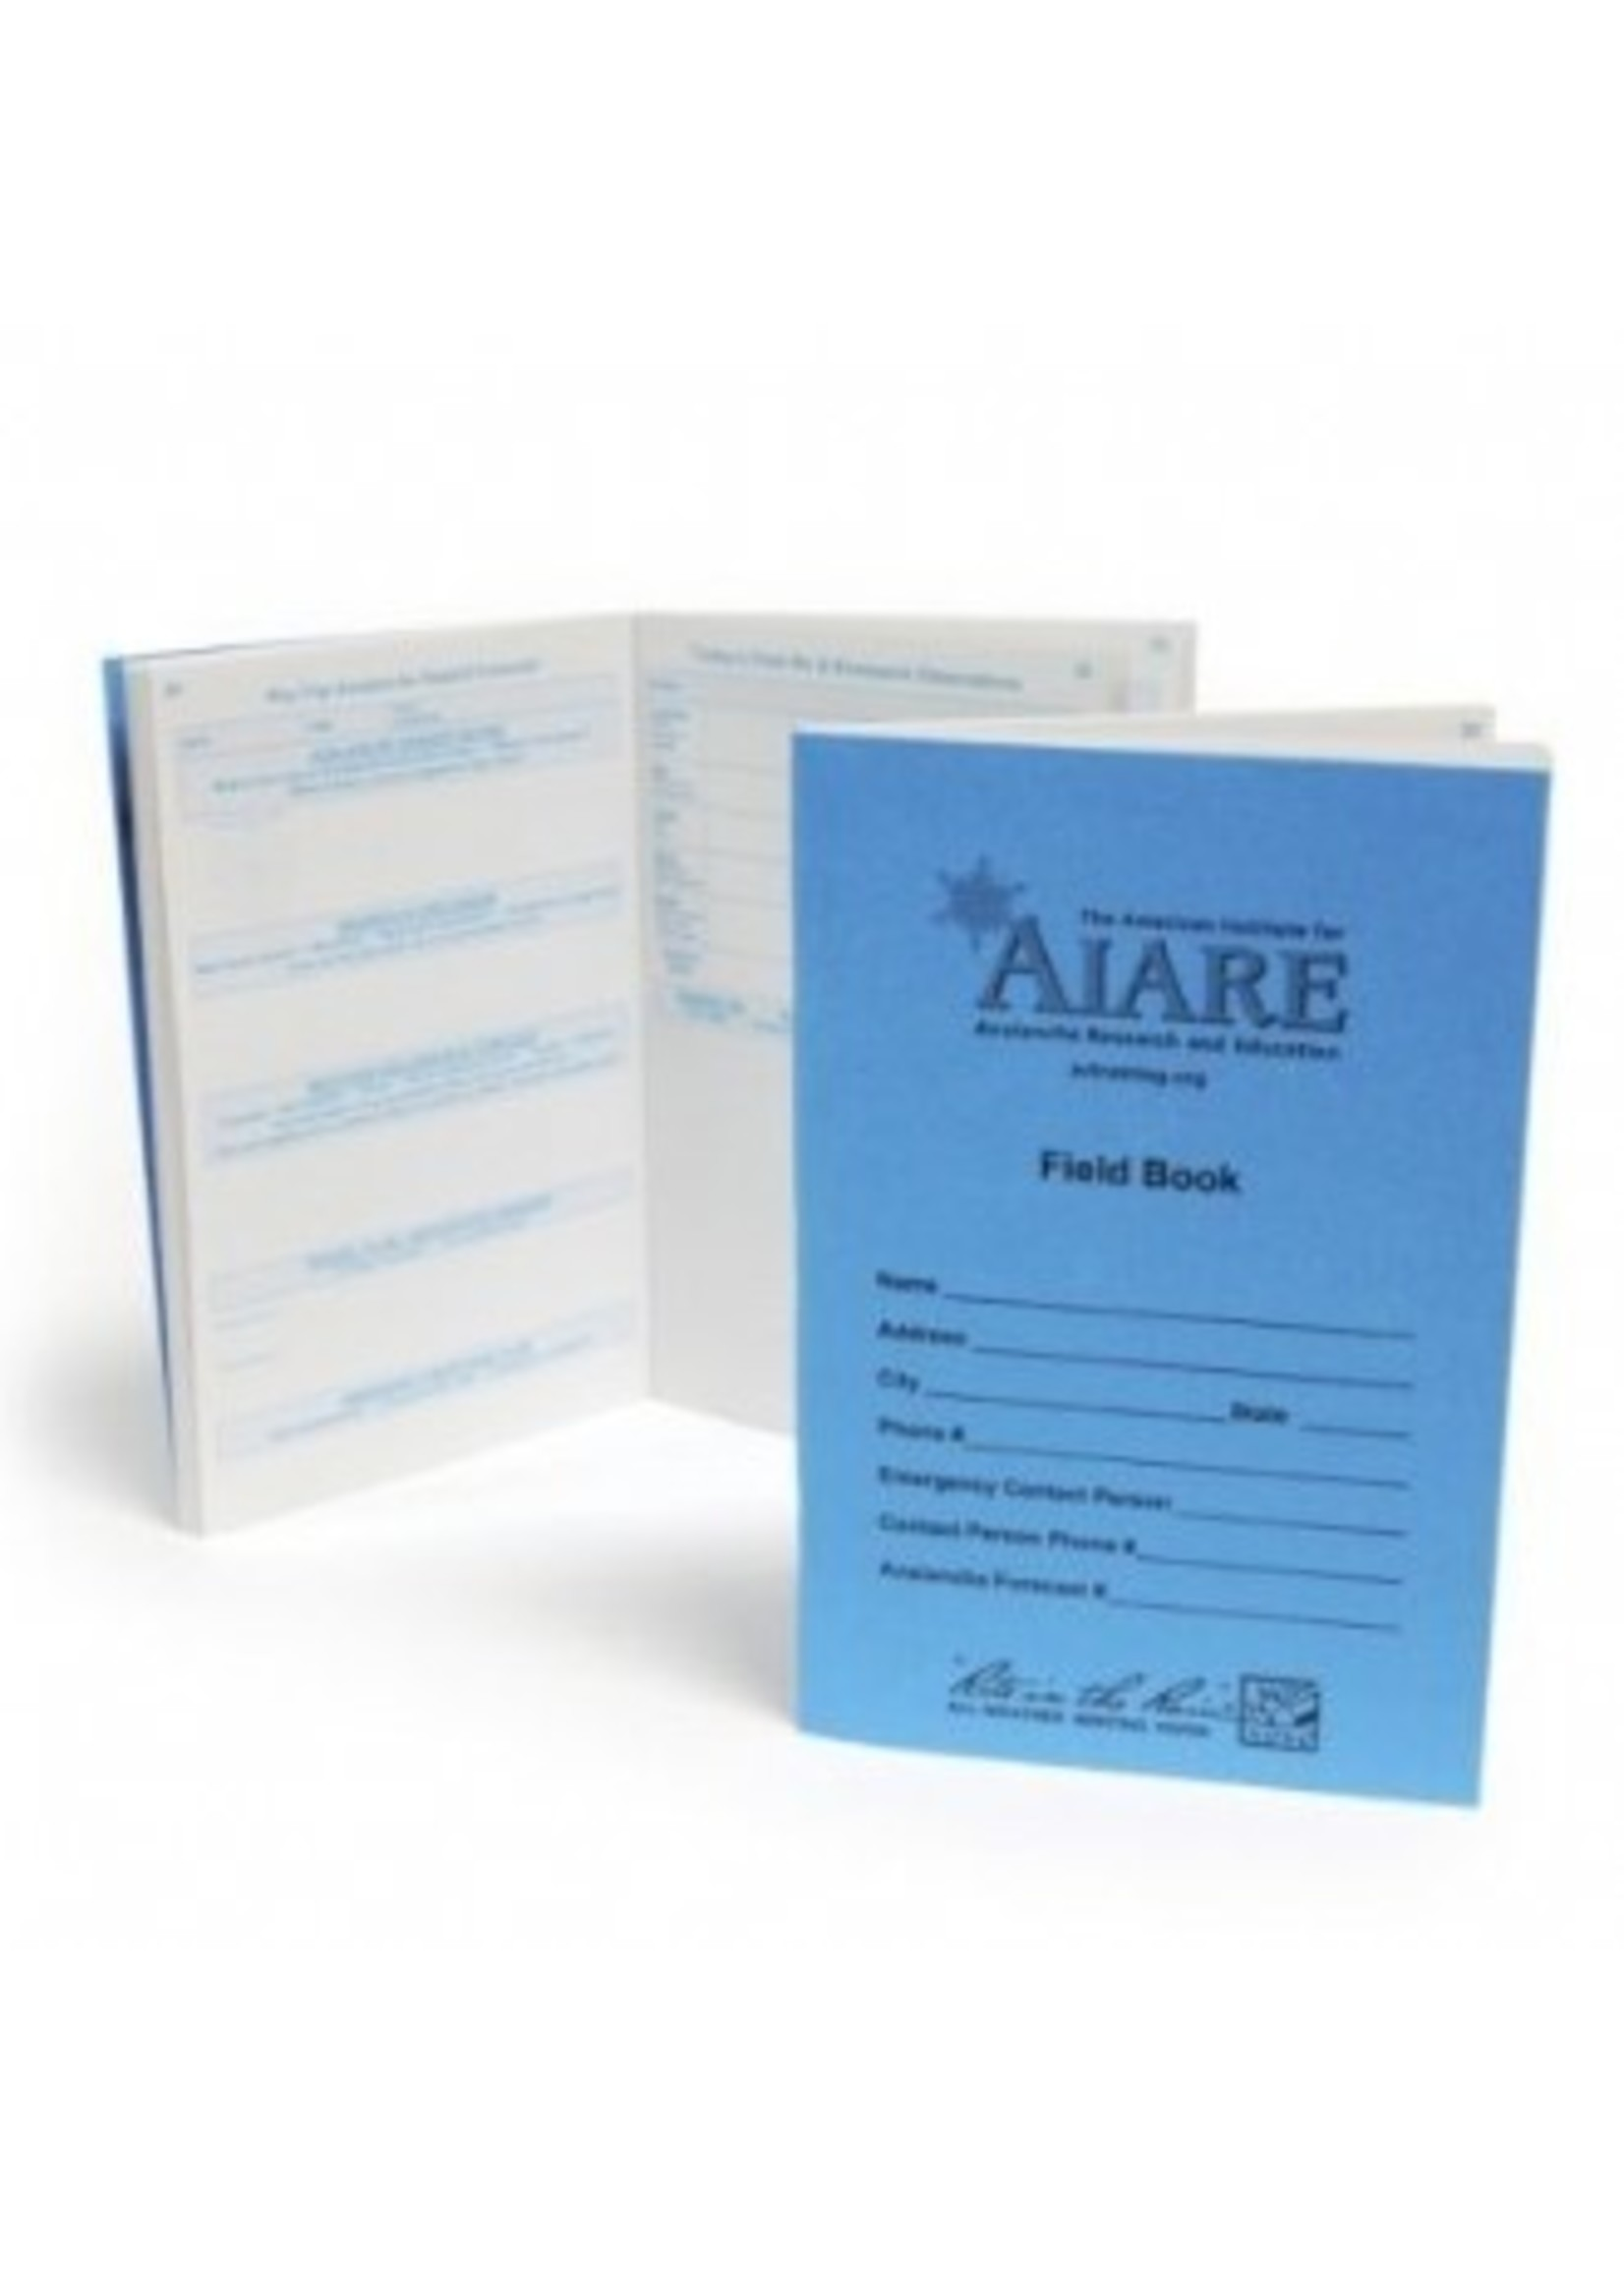 Field Book